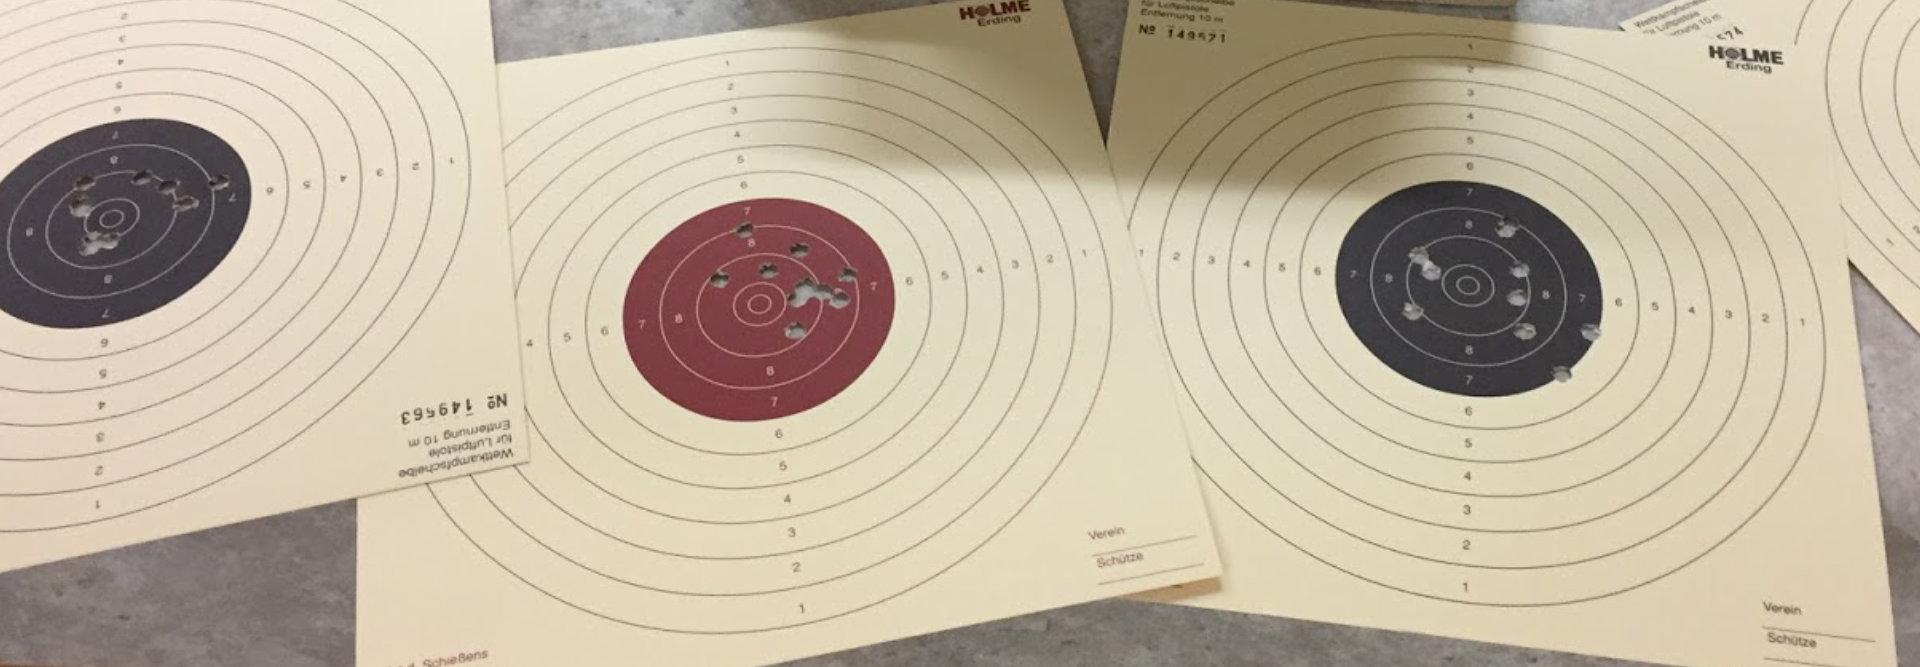 Schießbetrieb - Lichtgewehr, Luftgewehr und Luftpistole